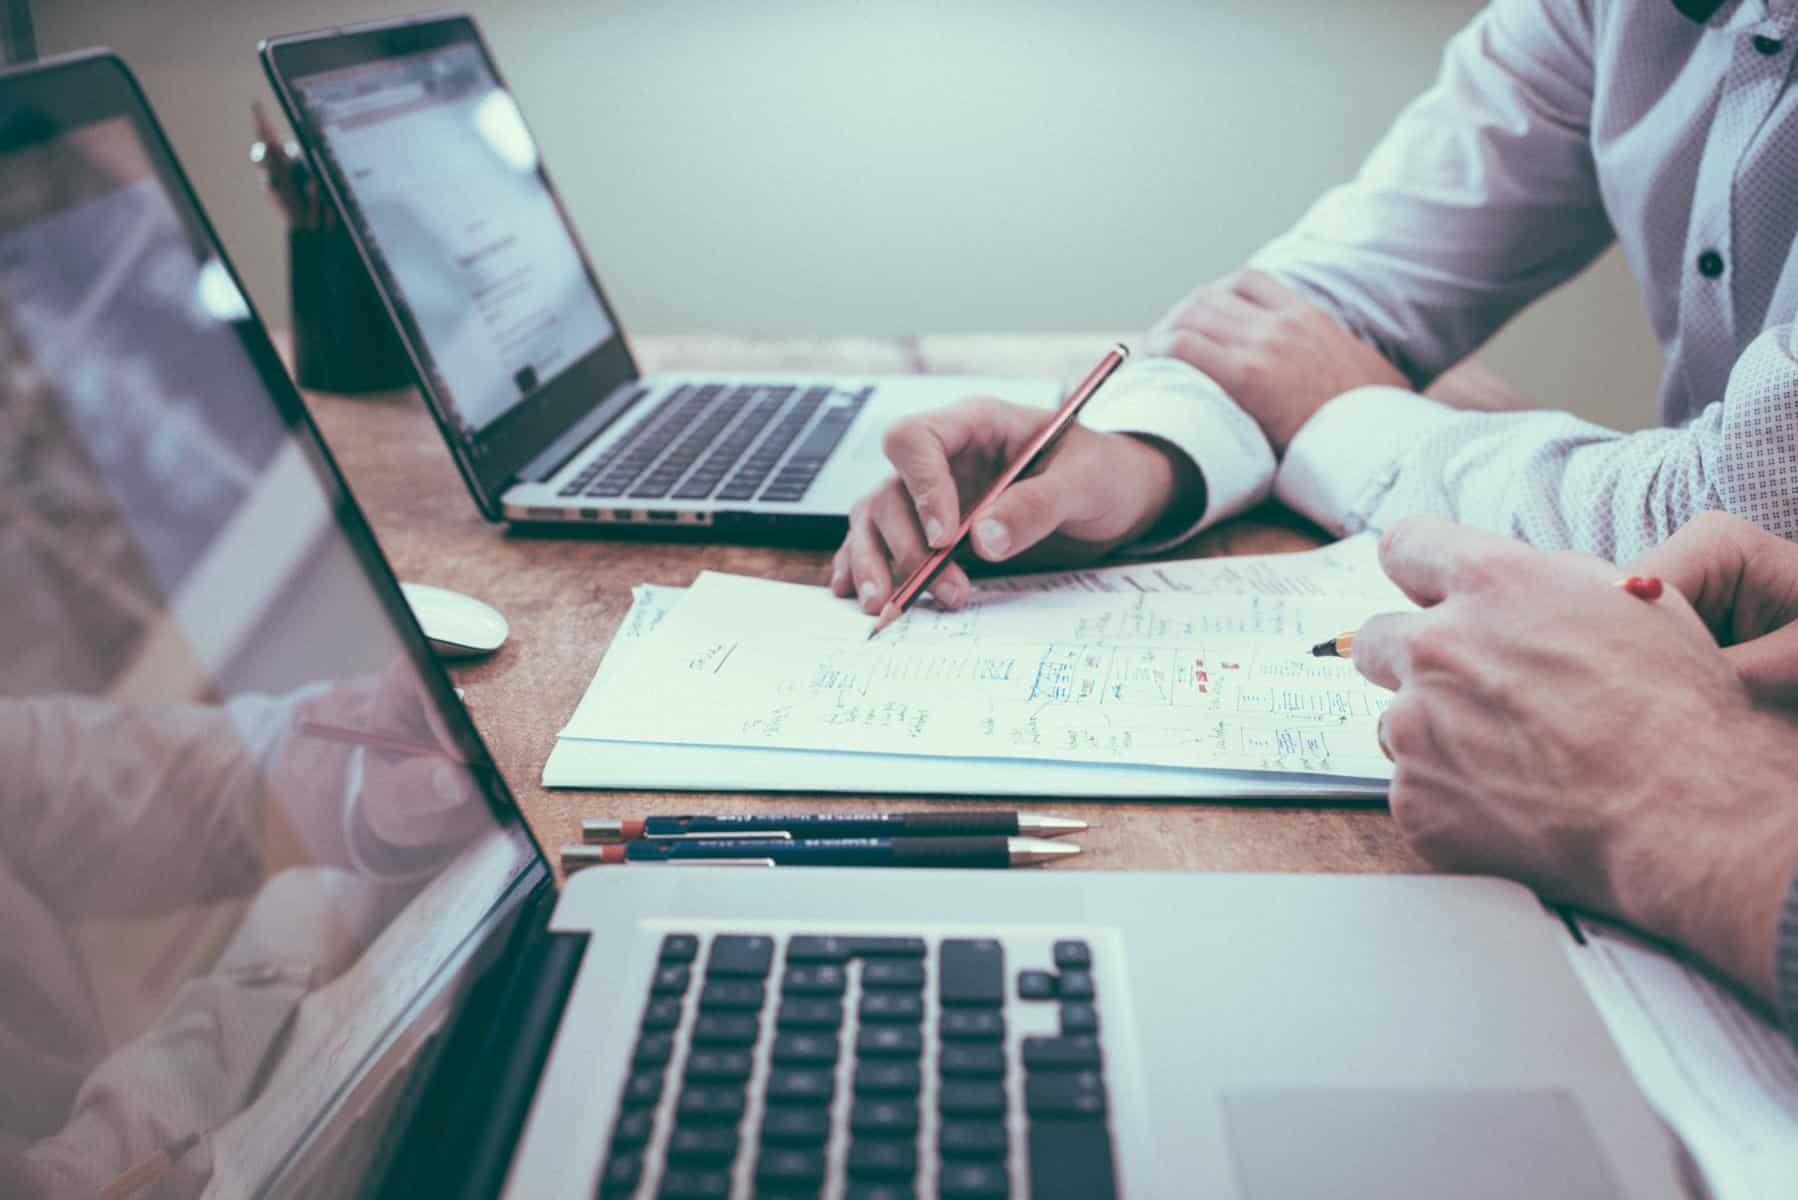 DeinData - Digitalisierung für kleine und mittelständische Unternehmen